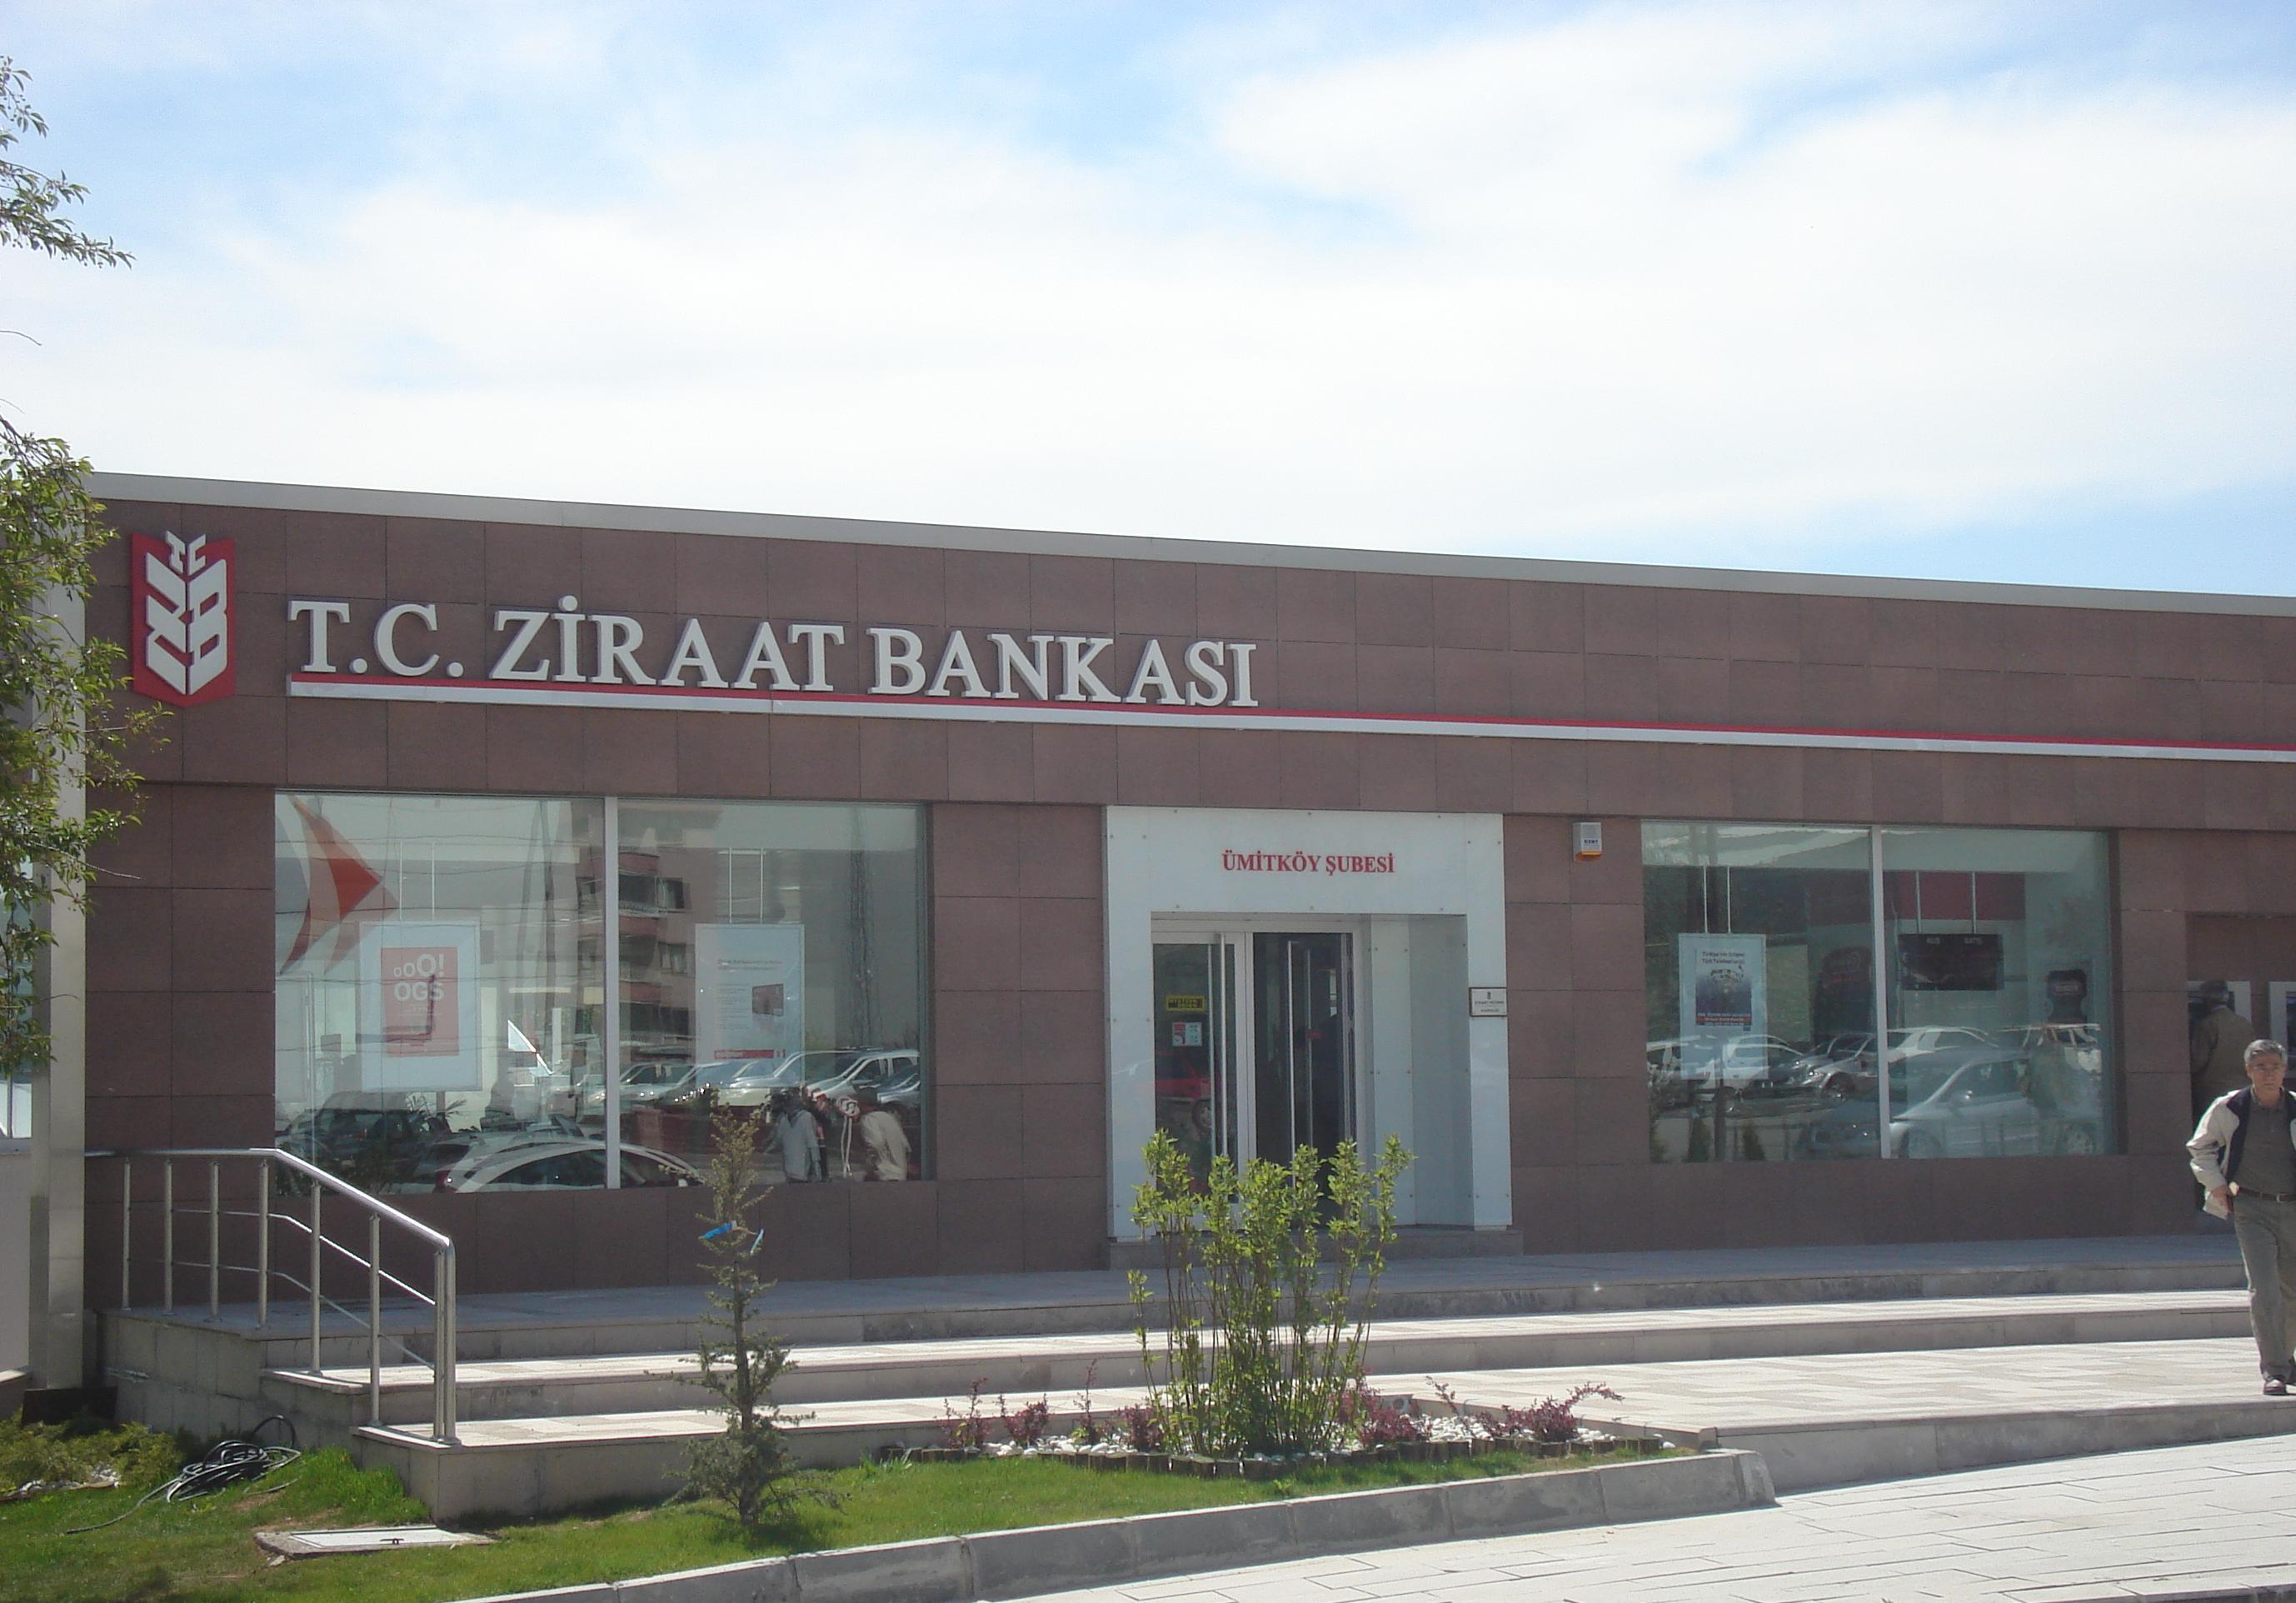 Ziraat Bankası Ümitköy Şubesi